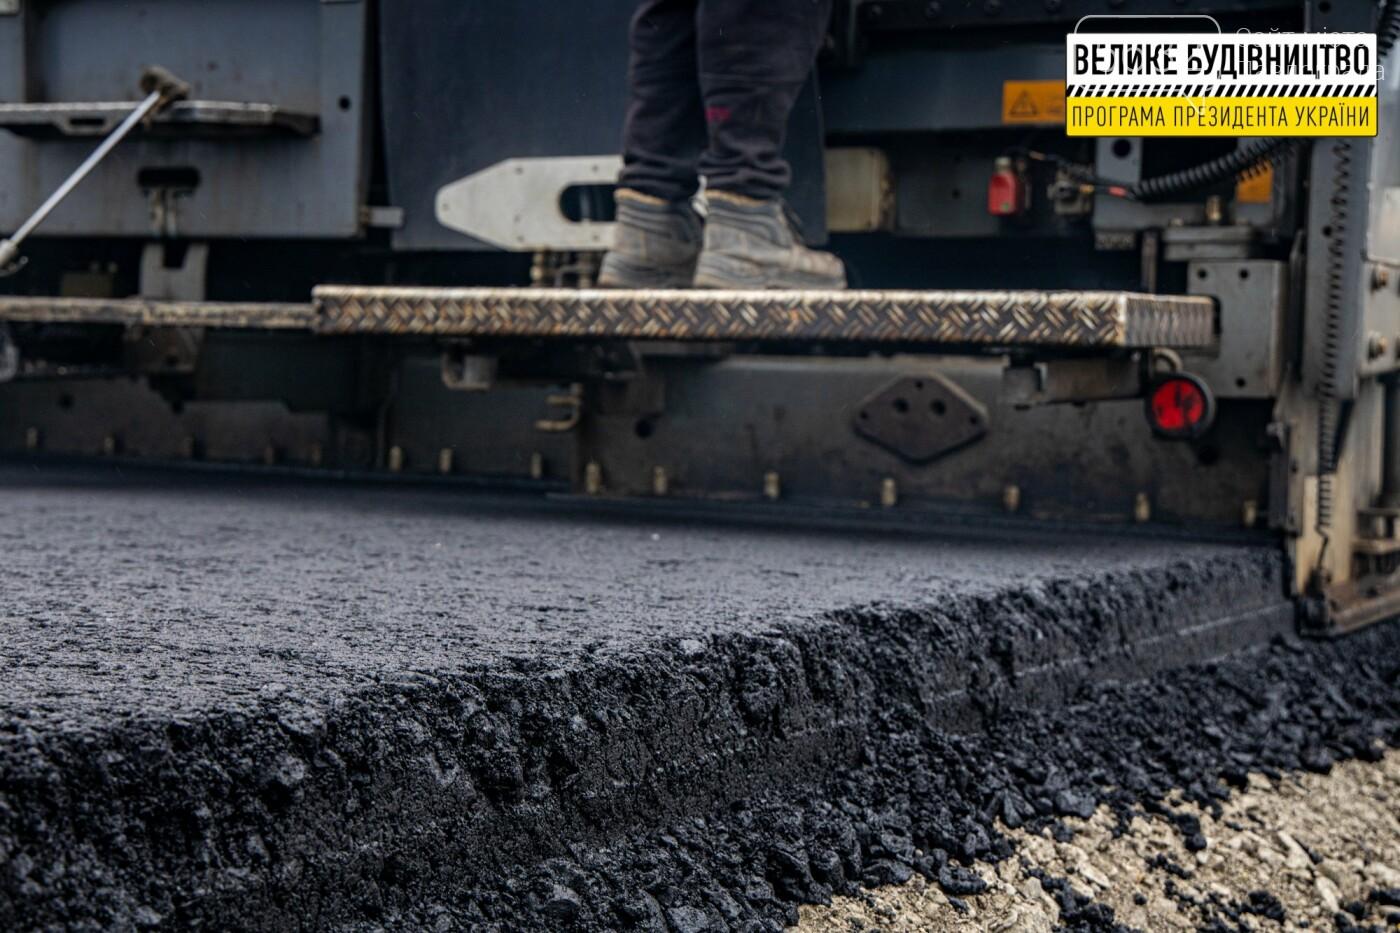 Работают и днем, и ночью: на Днепропетровщине ремонтируют трассу Знаменка-Луганск-Изварино (ФОТО), фото-6